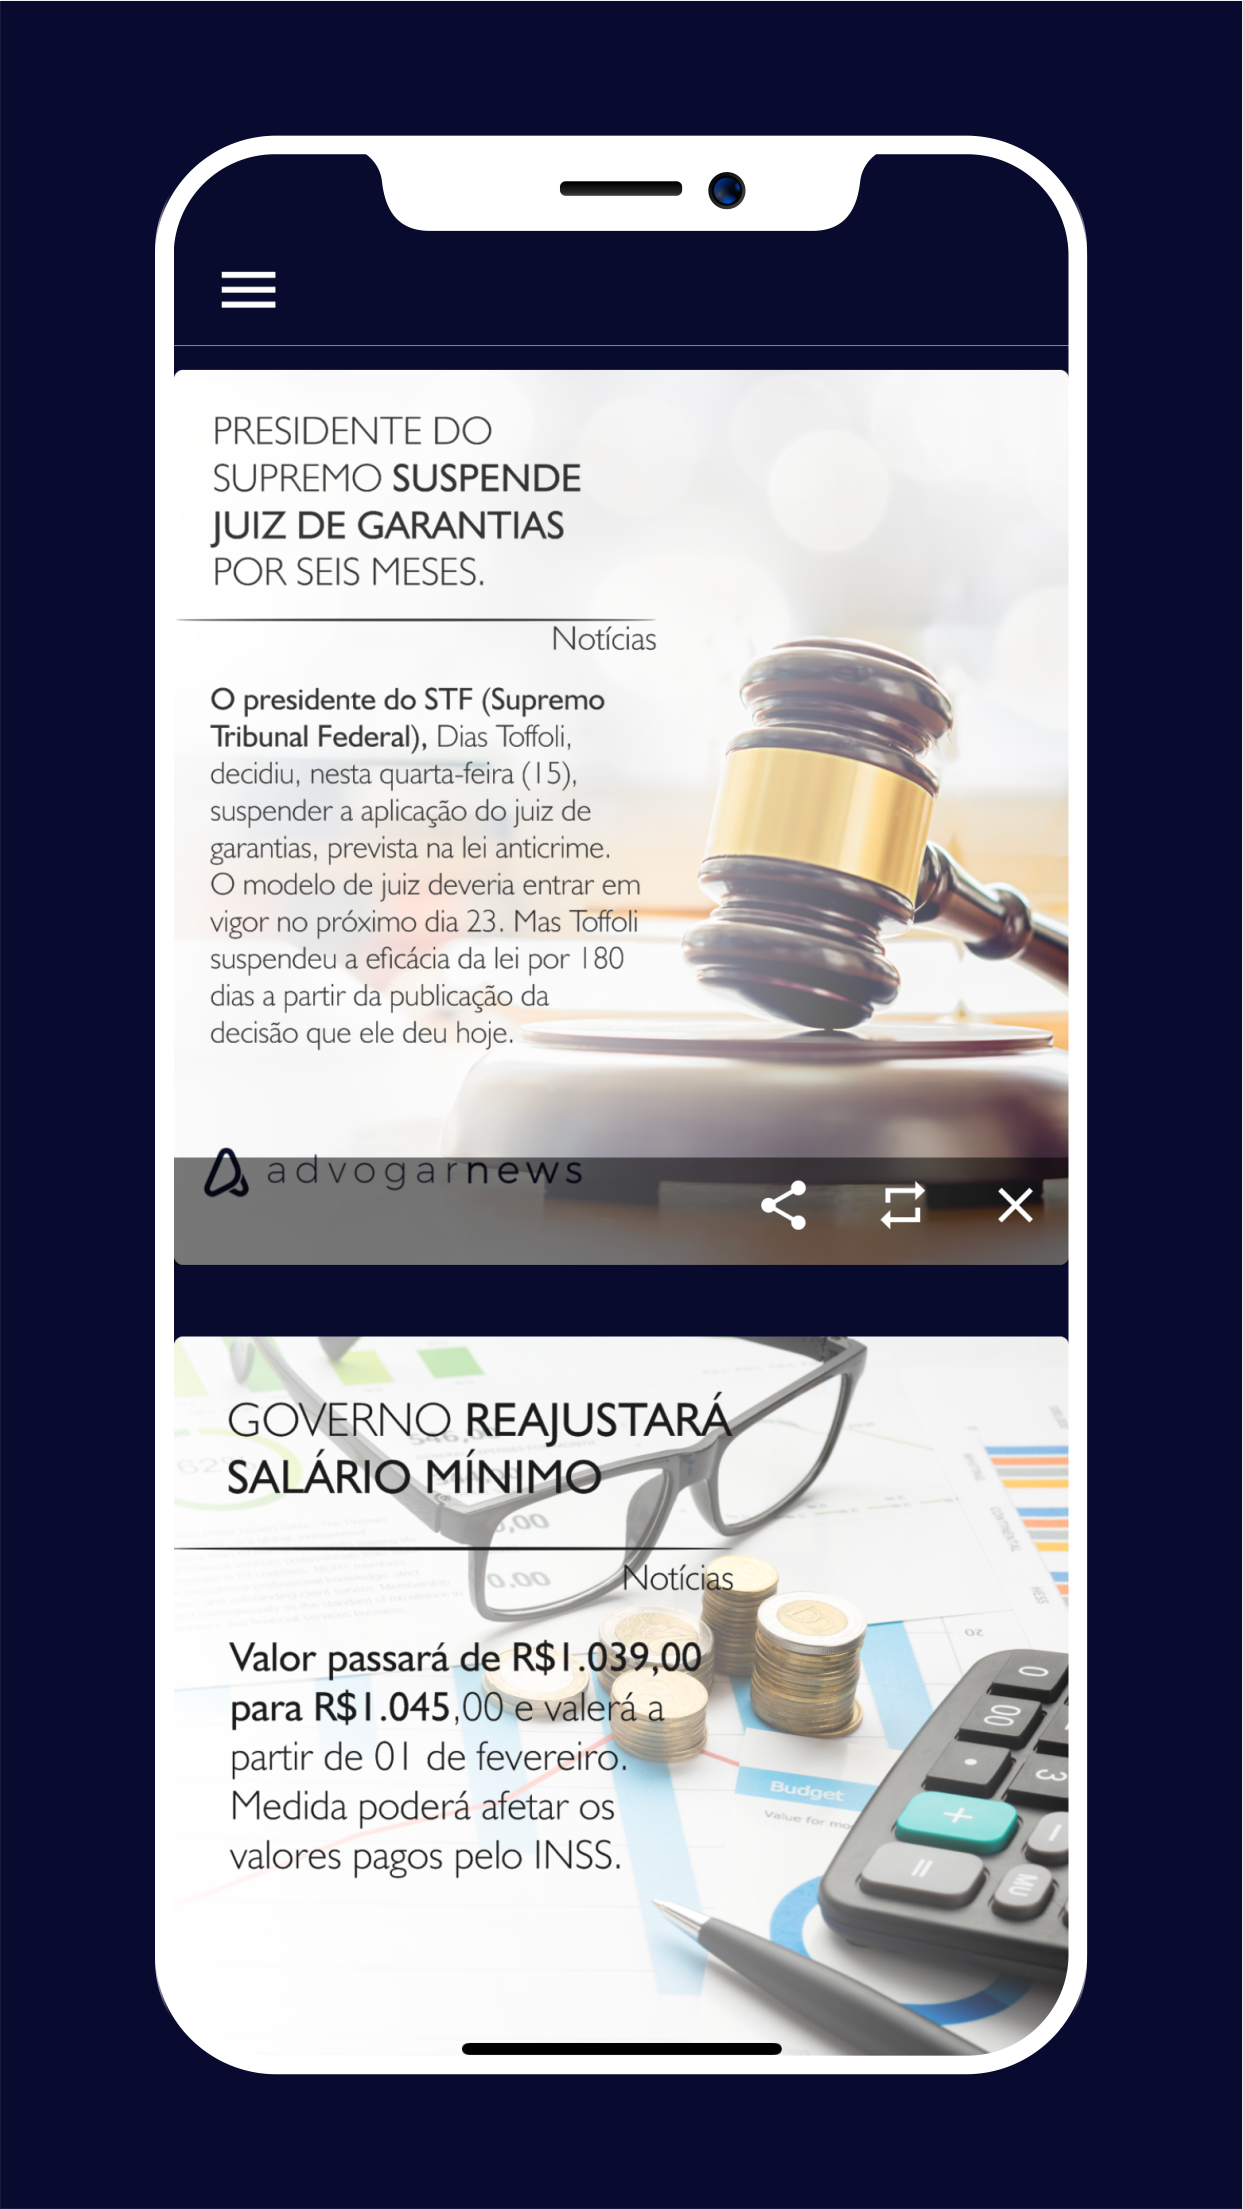 mídias para advogados app conteúdo digital flyer para advogados barato aplicativo de mídia adv canva